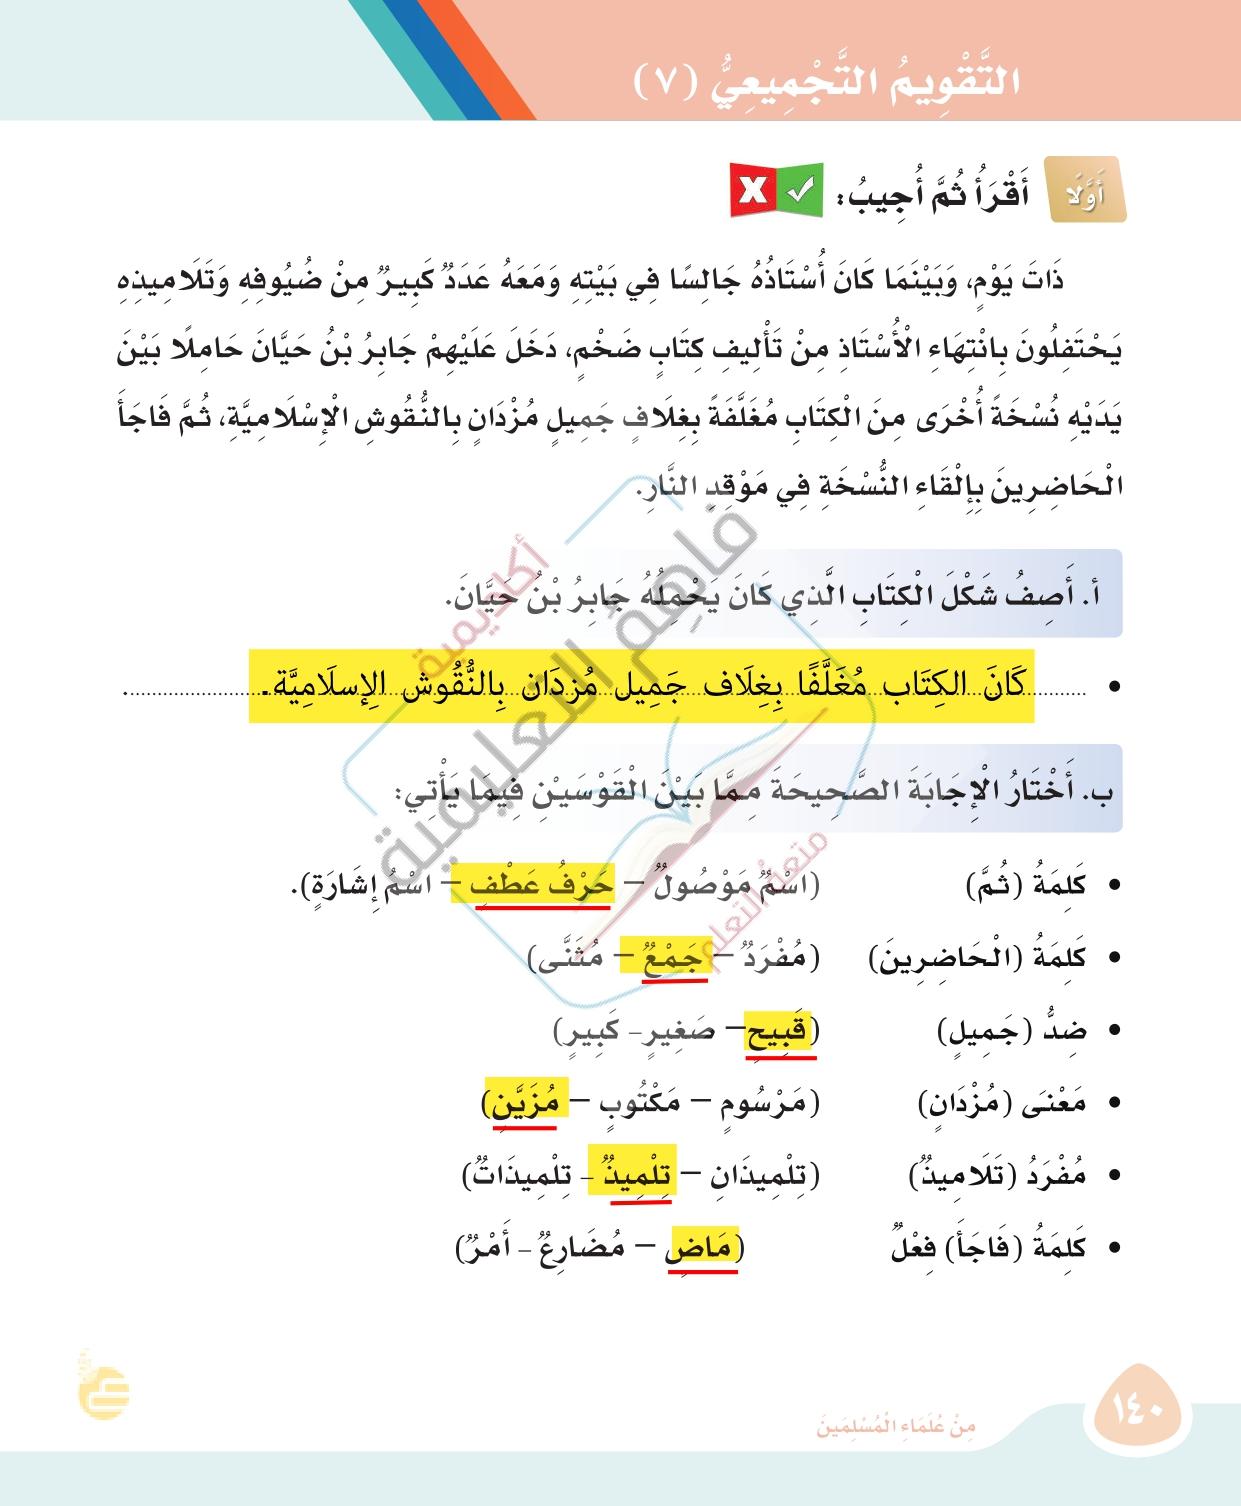 حل لغتي ثالث حل أسئلة التقويم التجميعي 7 من علماء المسلمين صفحة 140 146